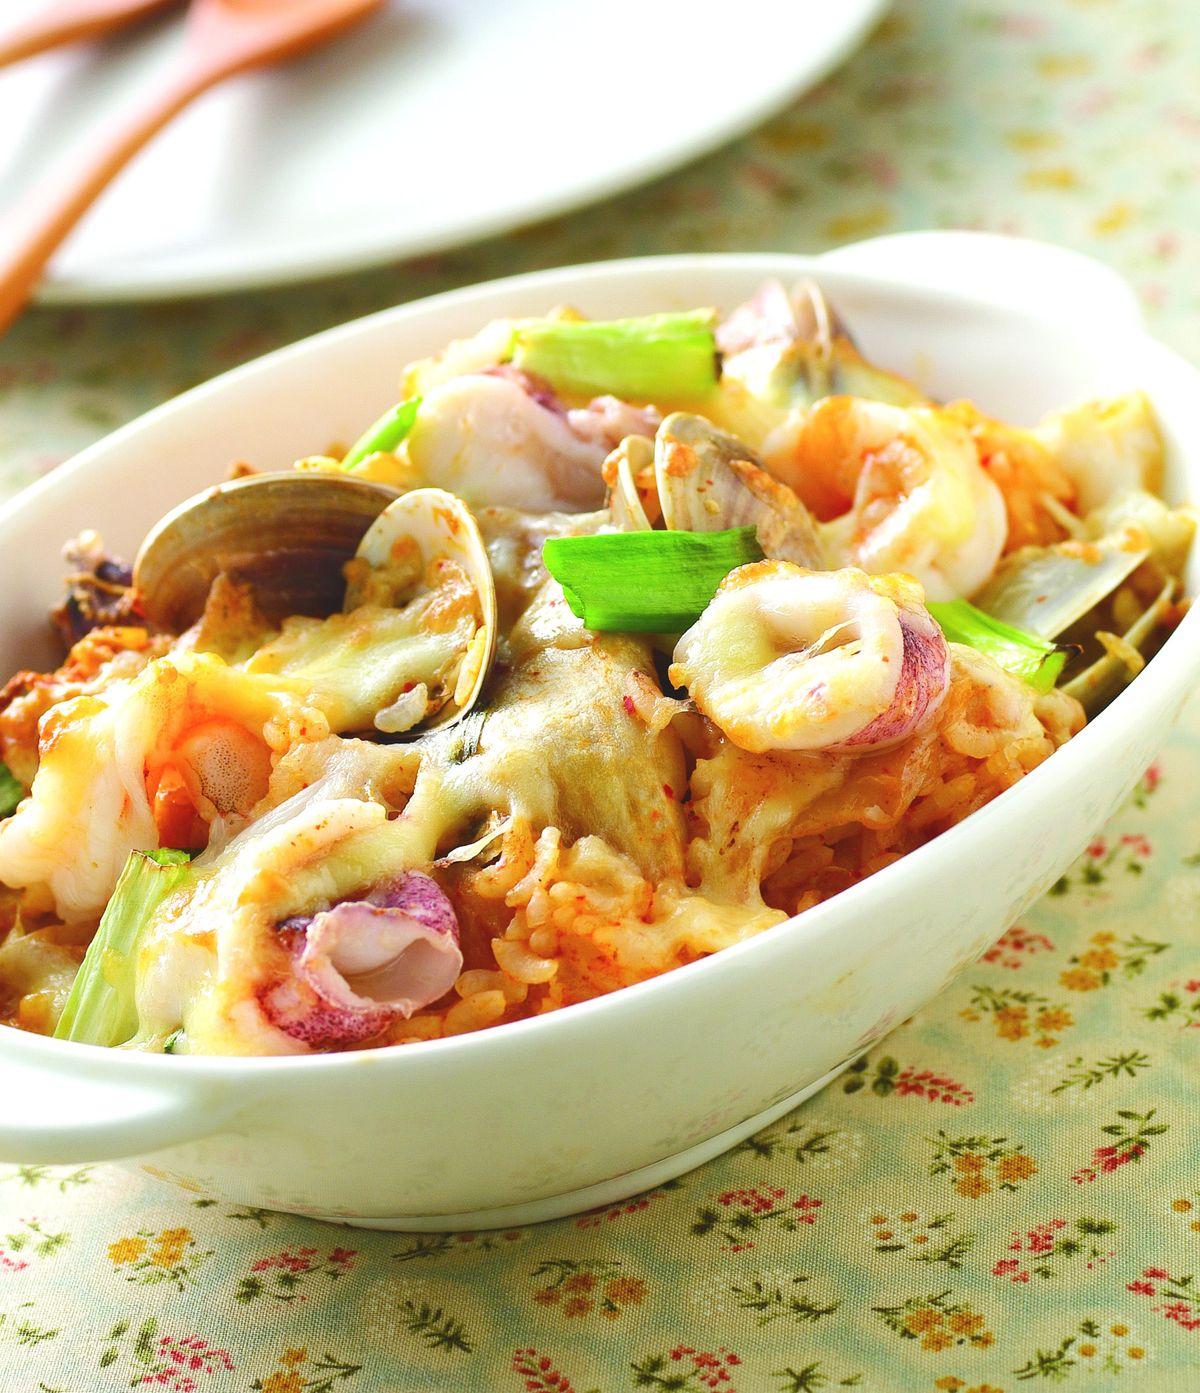 食譜:韓式泡菜焗飯